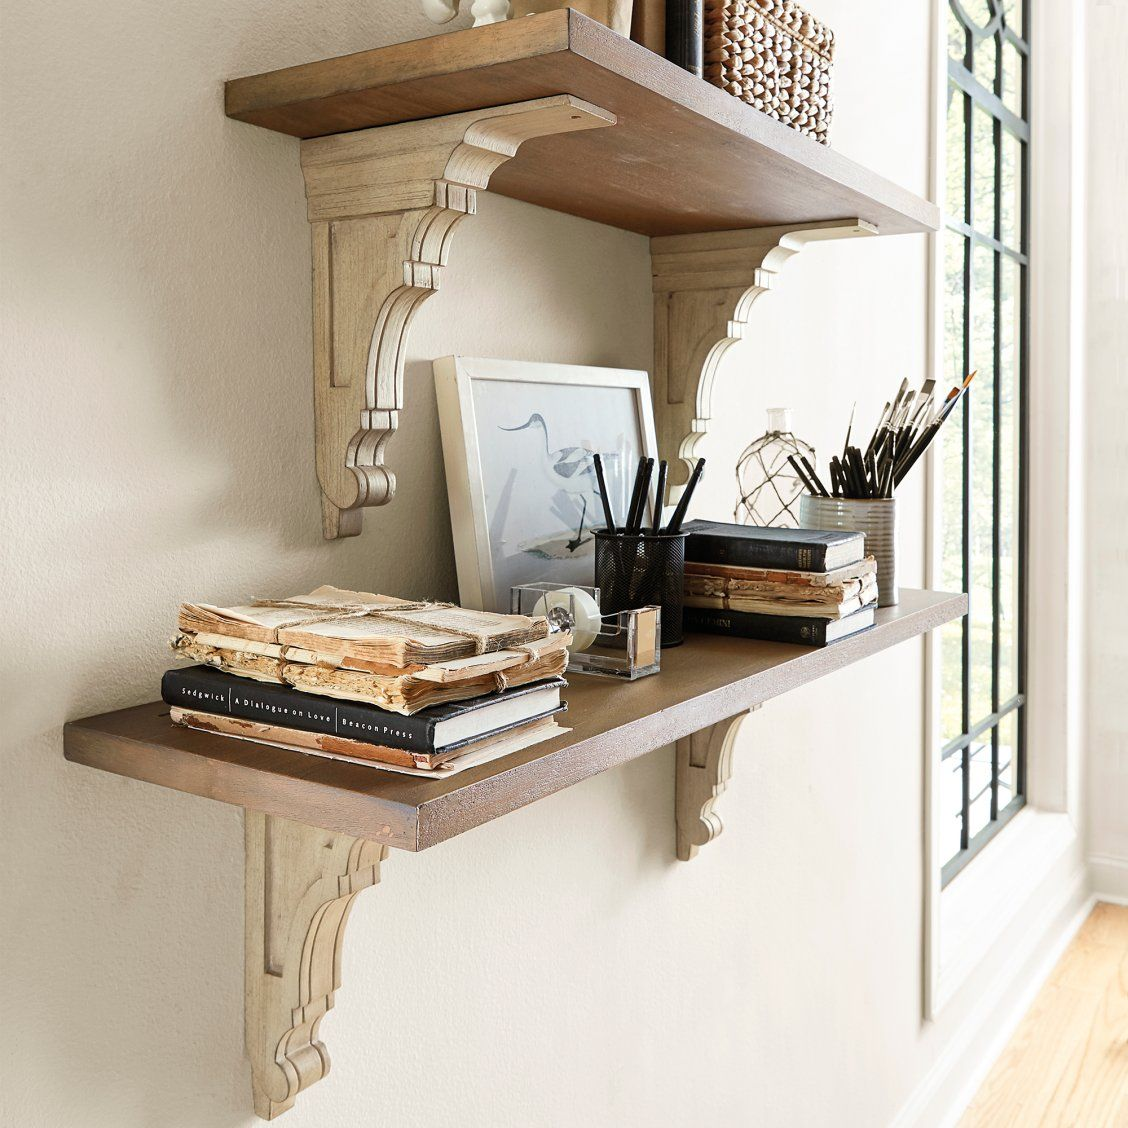 Mix & Match Wooden Shelves & Brackets